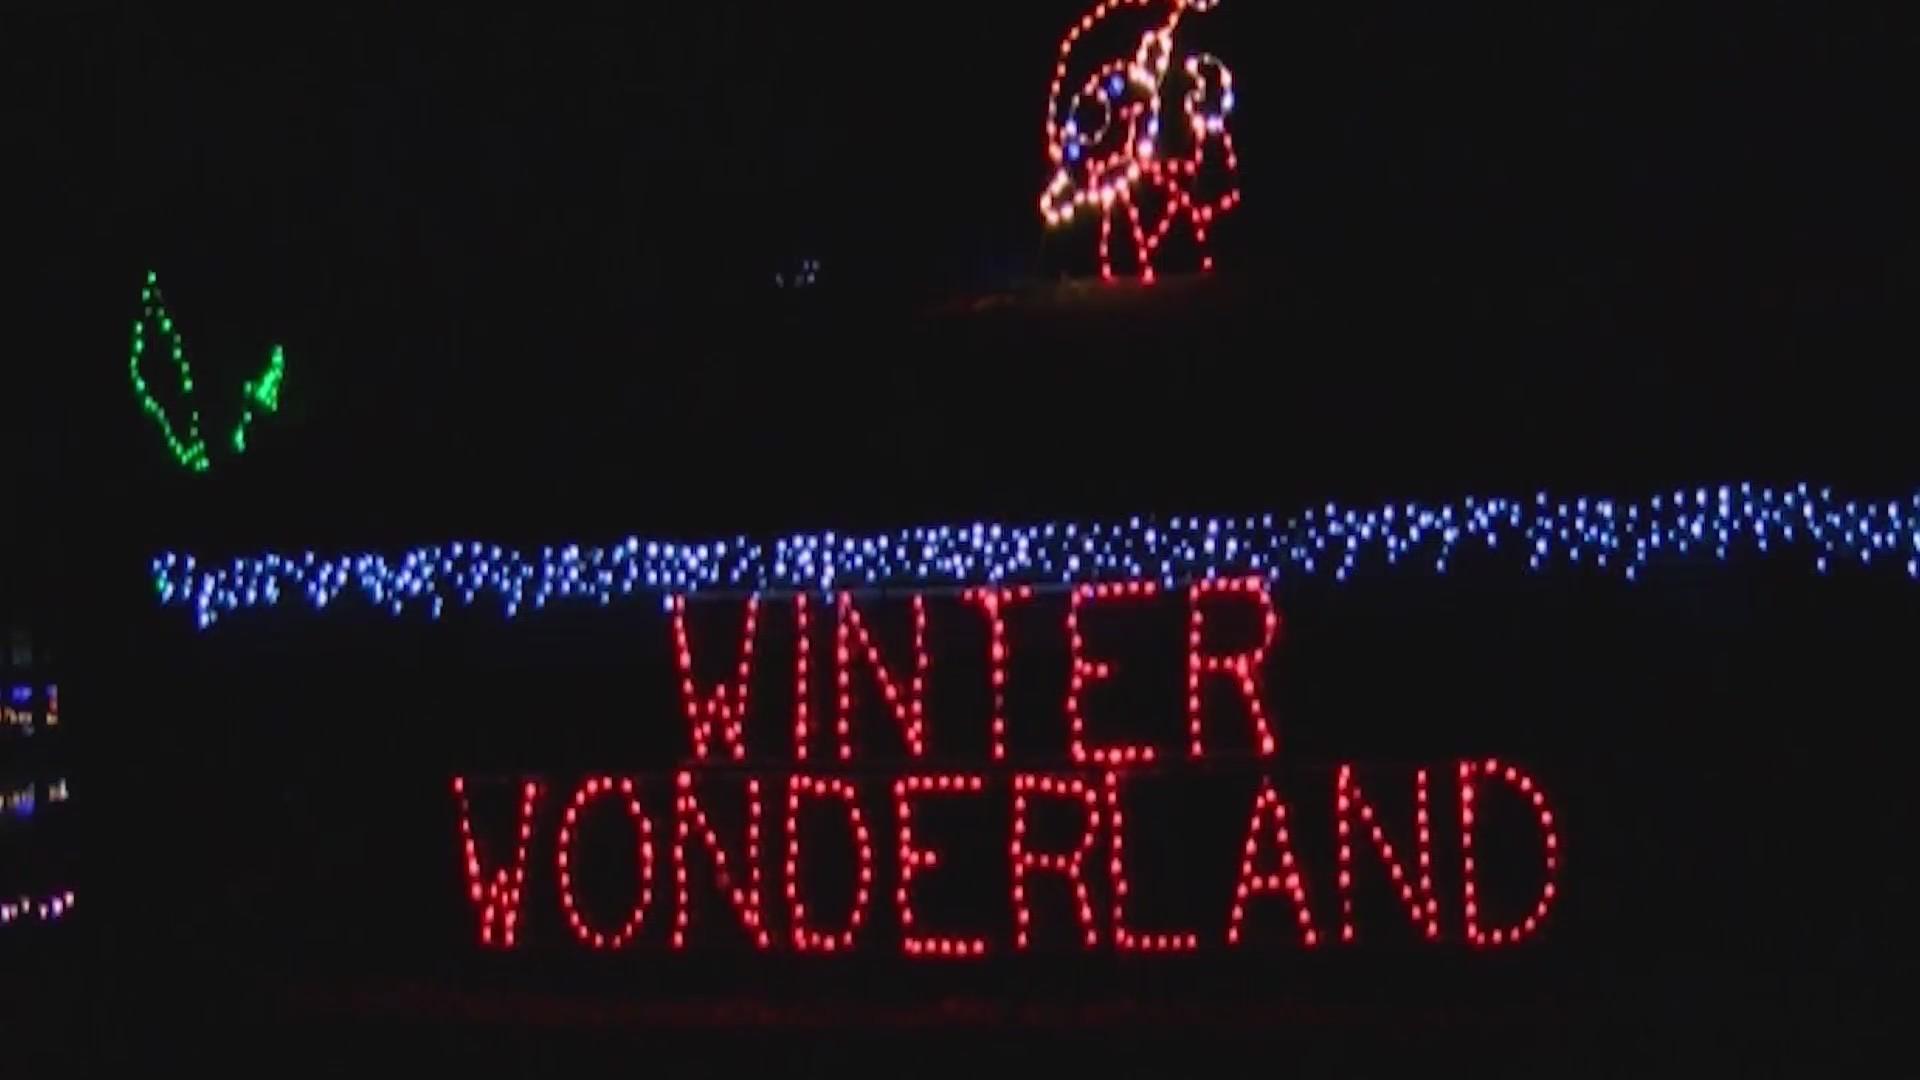 Winter_Wonderland_0_20181128000938